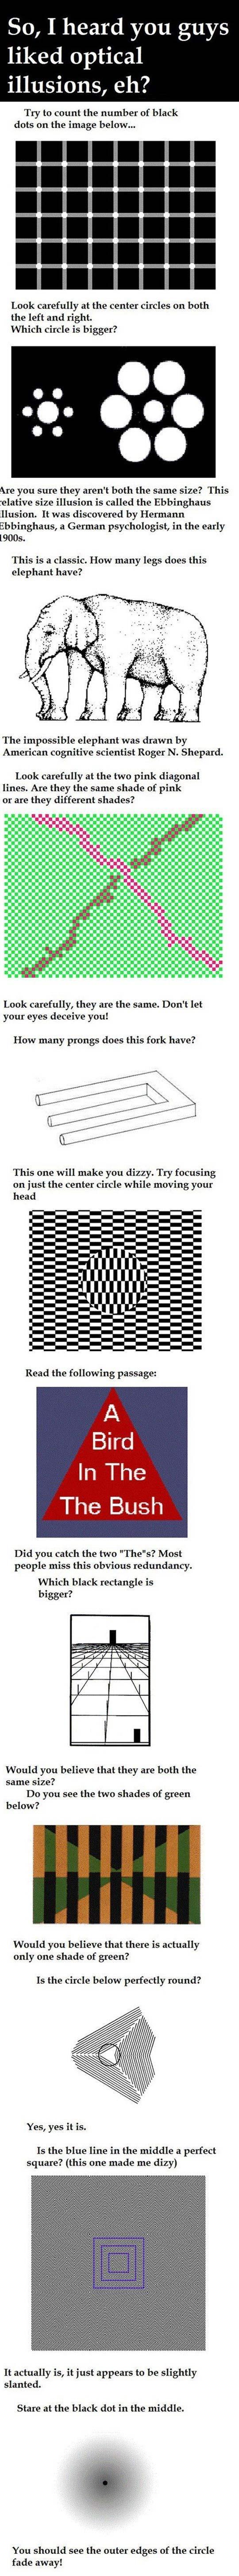 I heard you liked optical illusions…